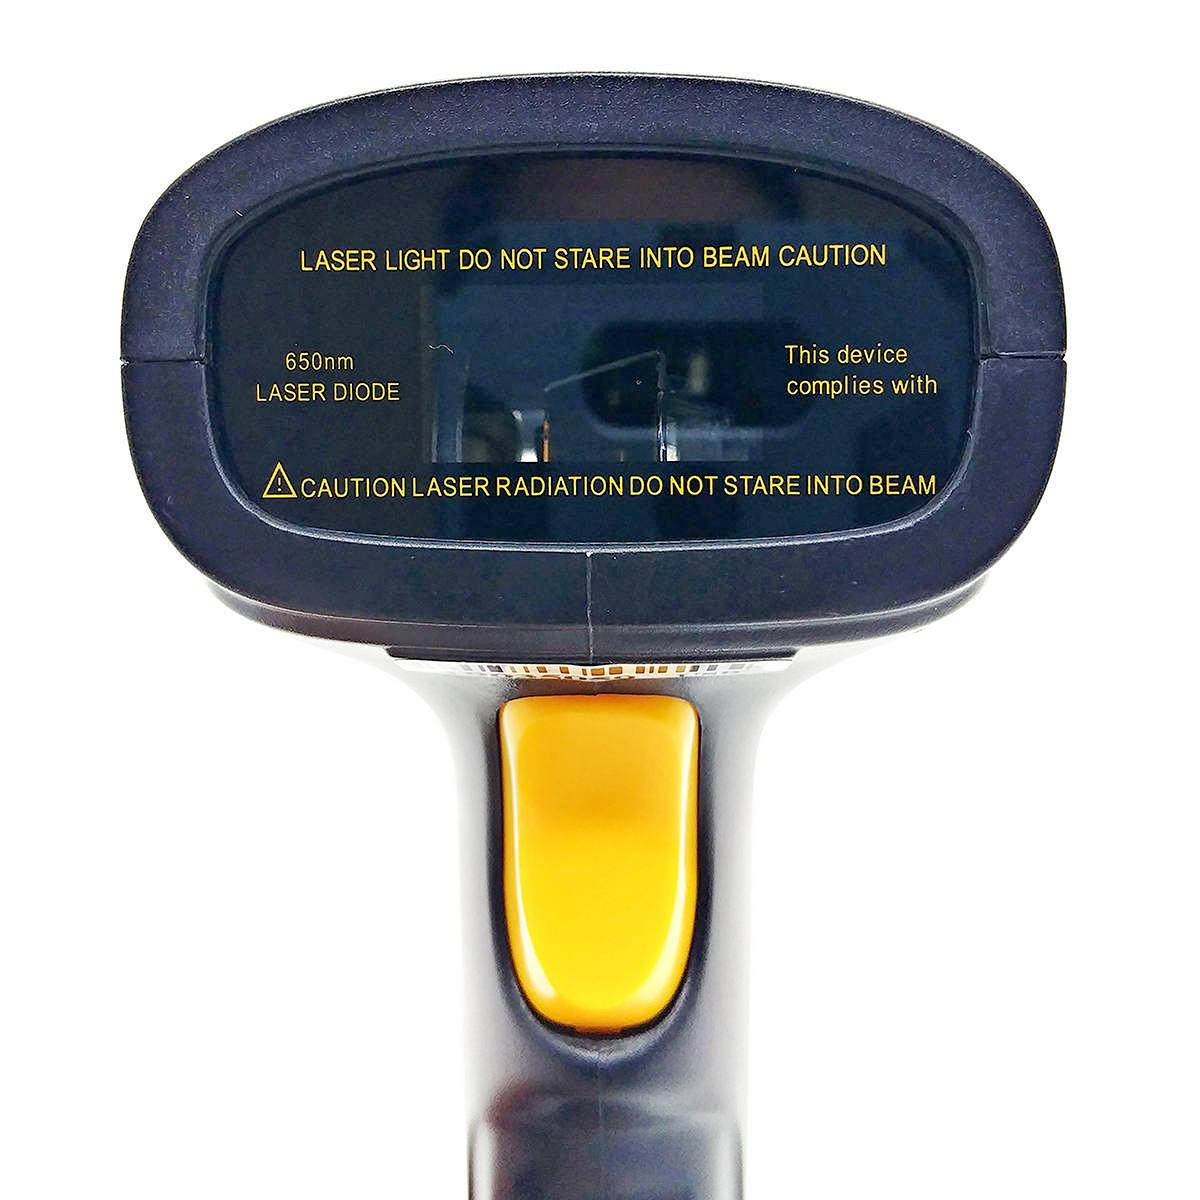 Leitor de Código de Barras USB com Fio de 1.8 metros Exbom LCB-160